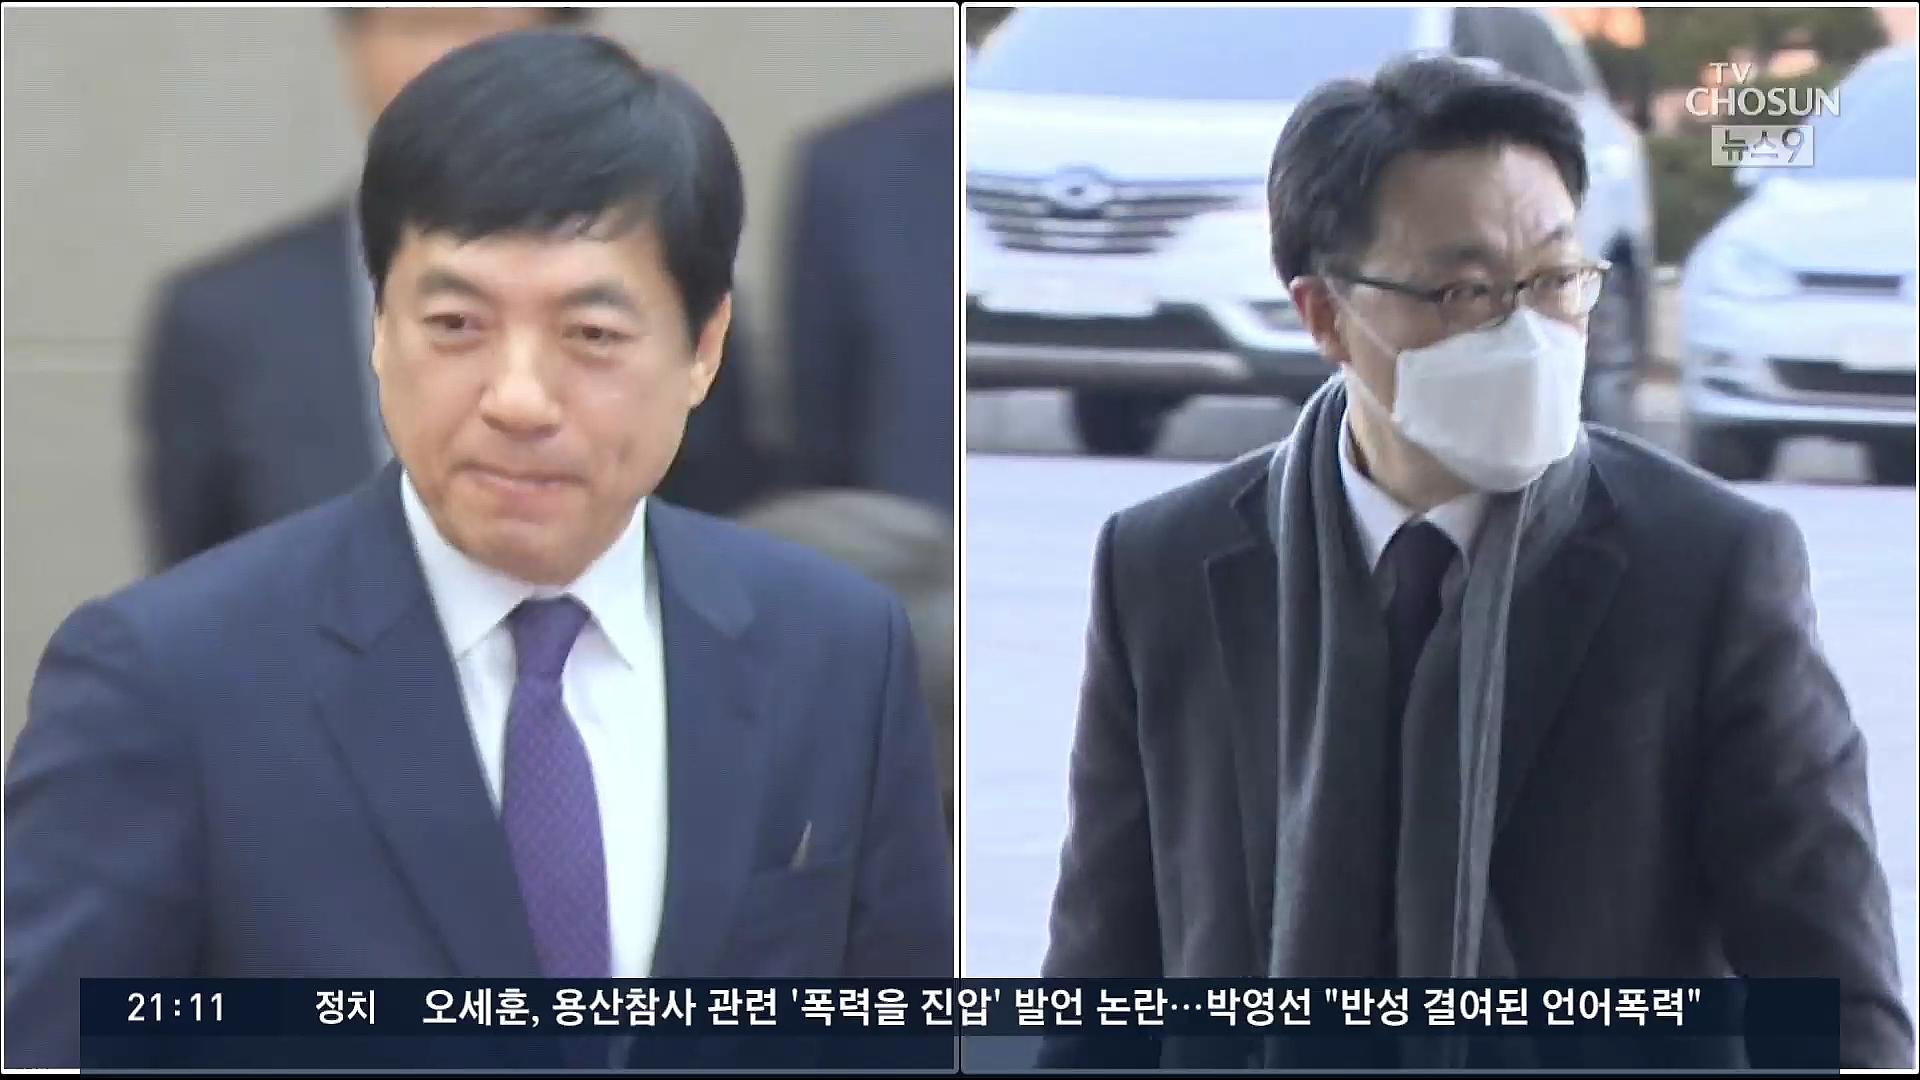 김진욱, '이성윤 에스코트 조사' 닷새만에 '기소 판단은 우리가'